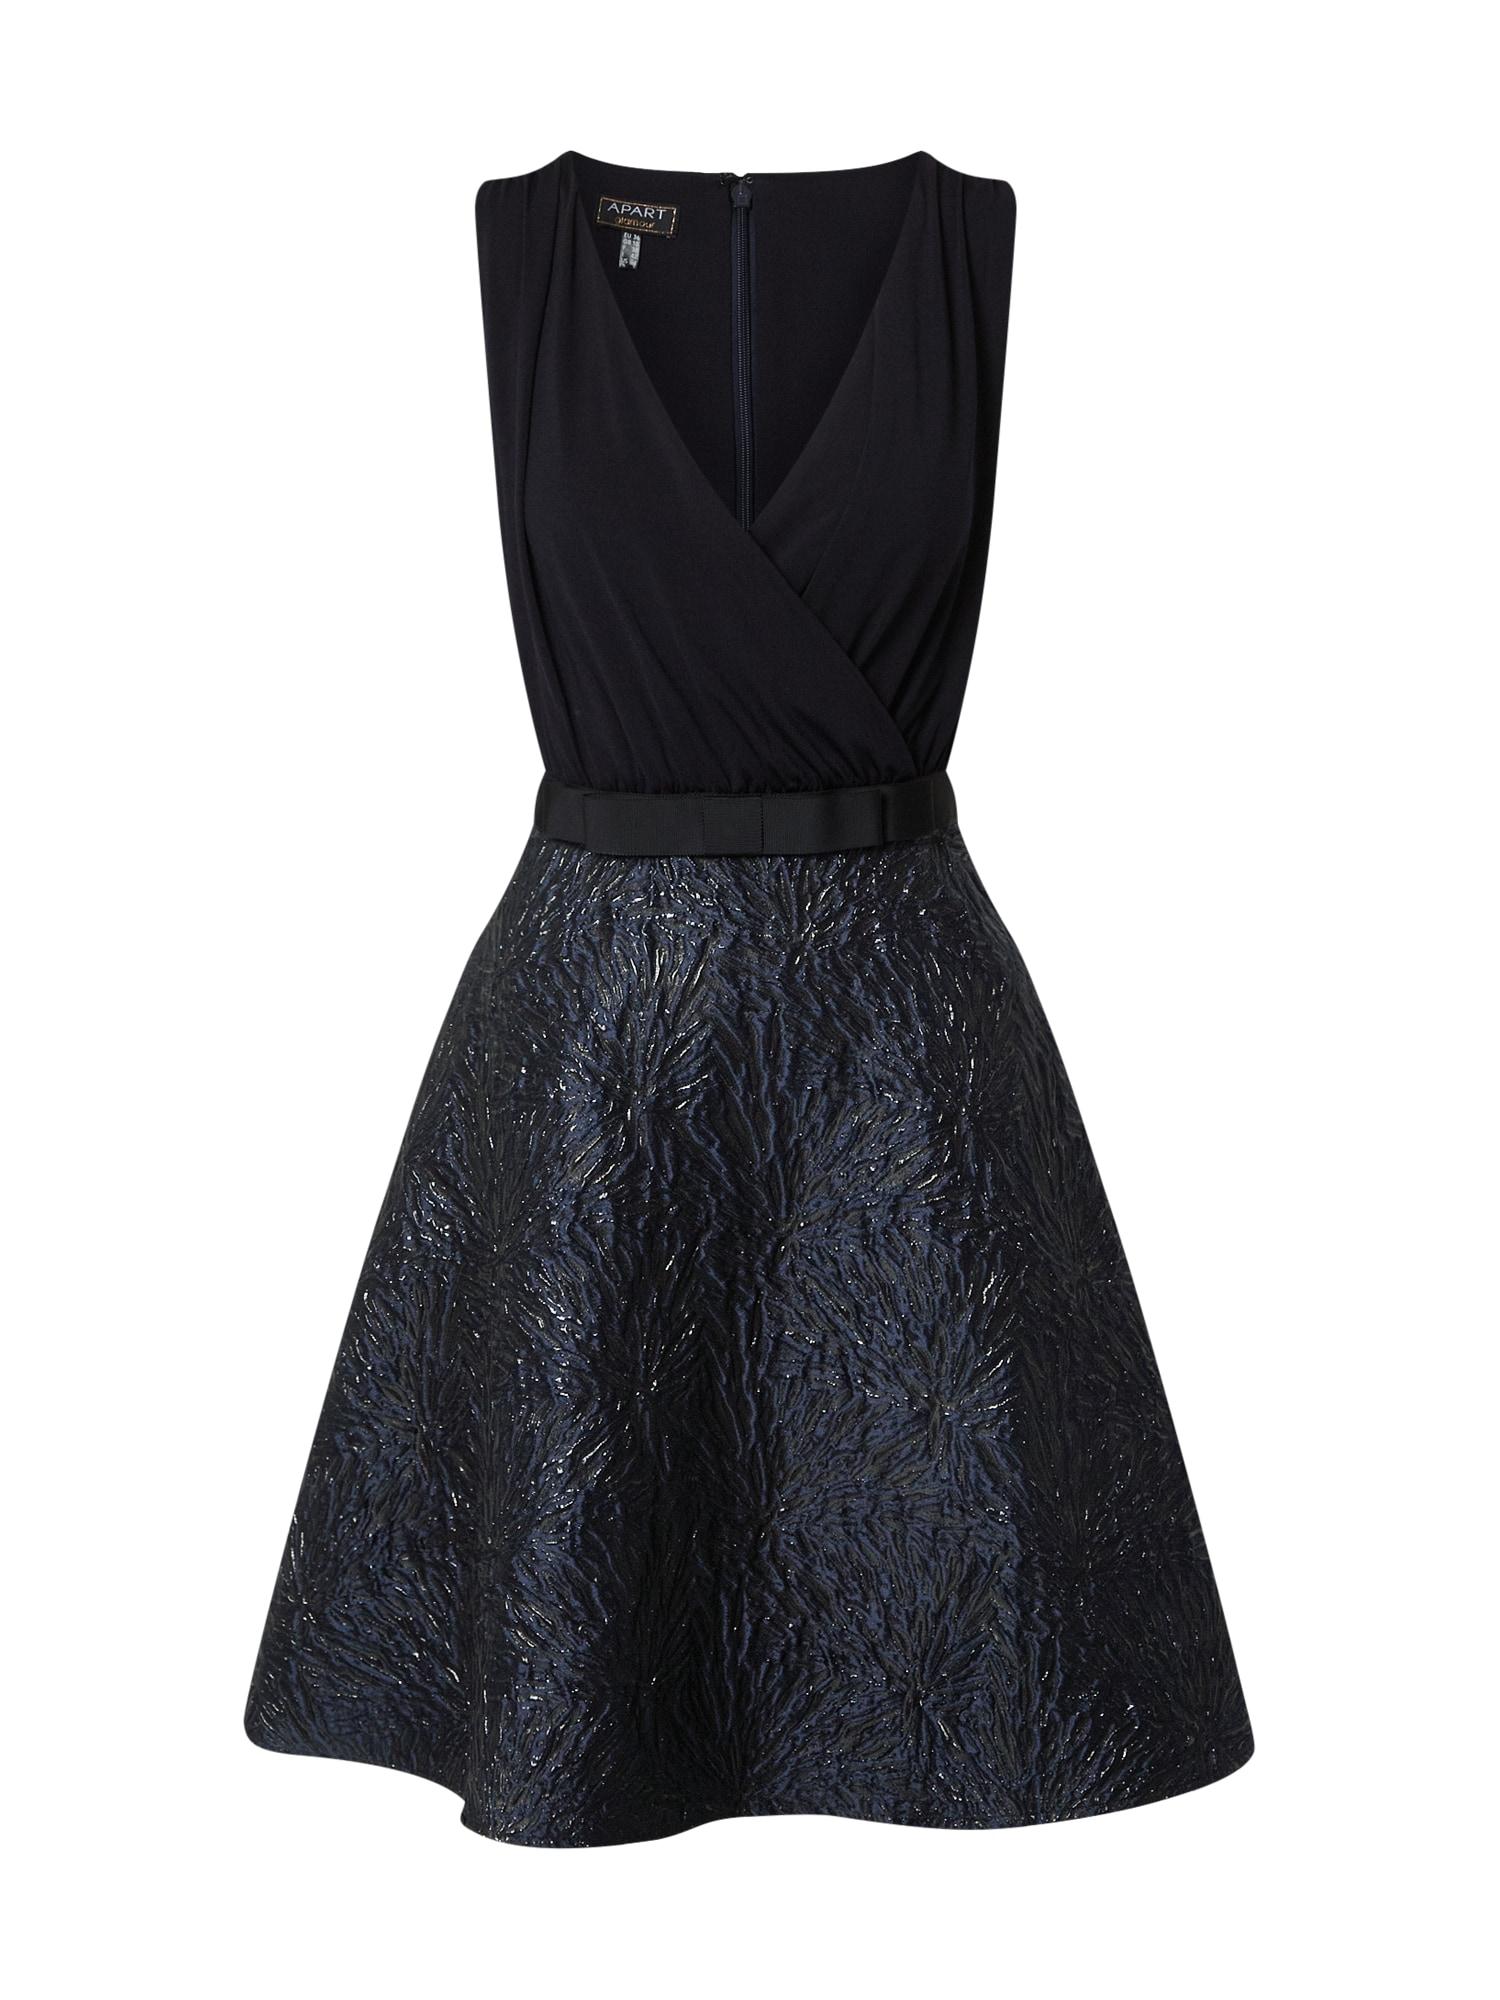 APART Kokteilinė suknelė tamsiai mėlyna